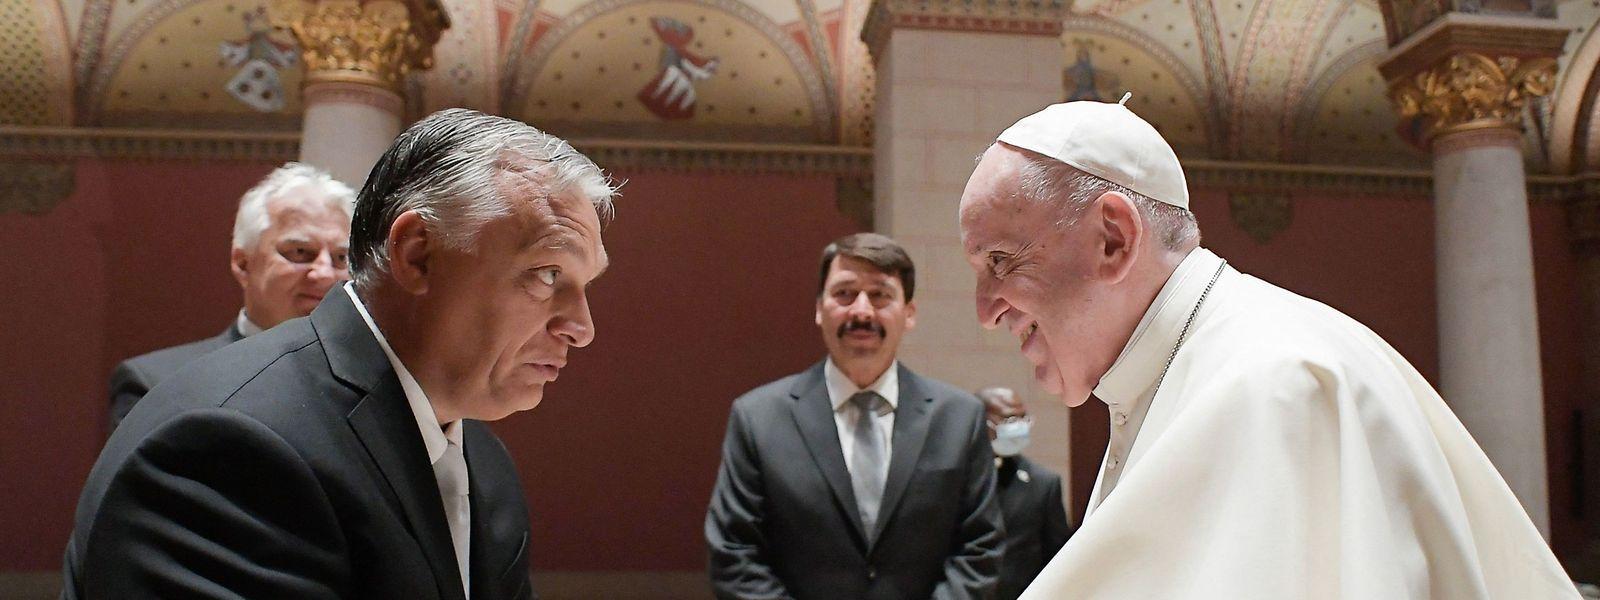 Kein Besuch unter engen Freunden: Viktor Orbán und Papst Franziskus begegnen sich in Budapest.